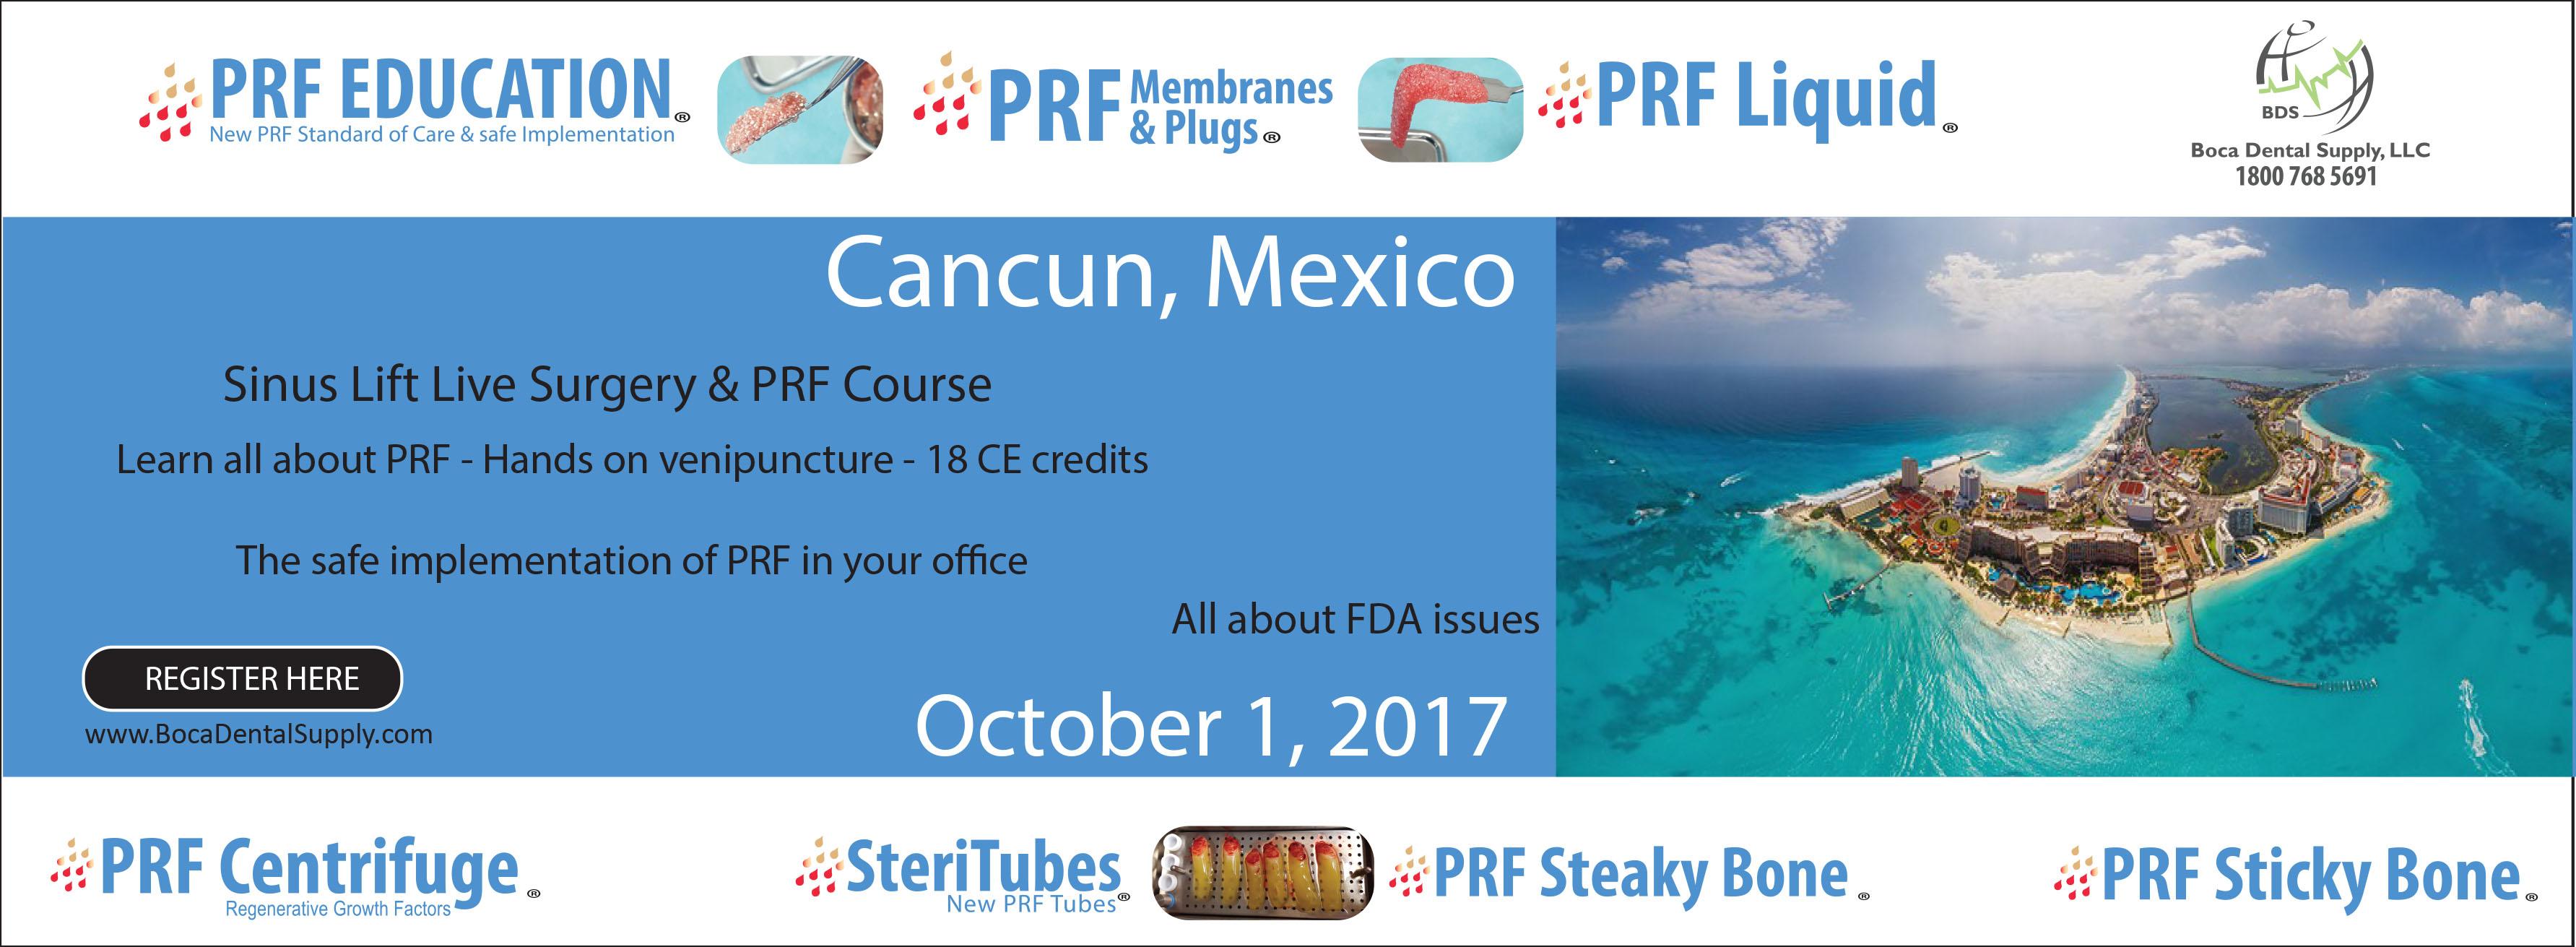 prf-live-surgery-cancun-october-2017.jpg